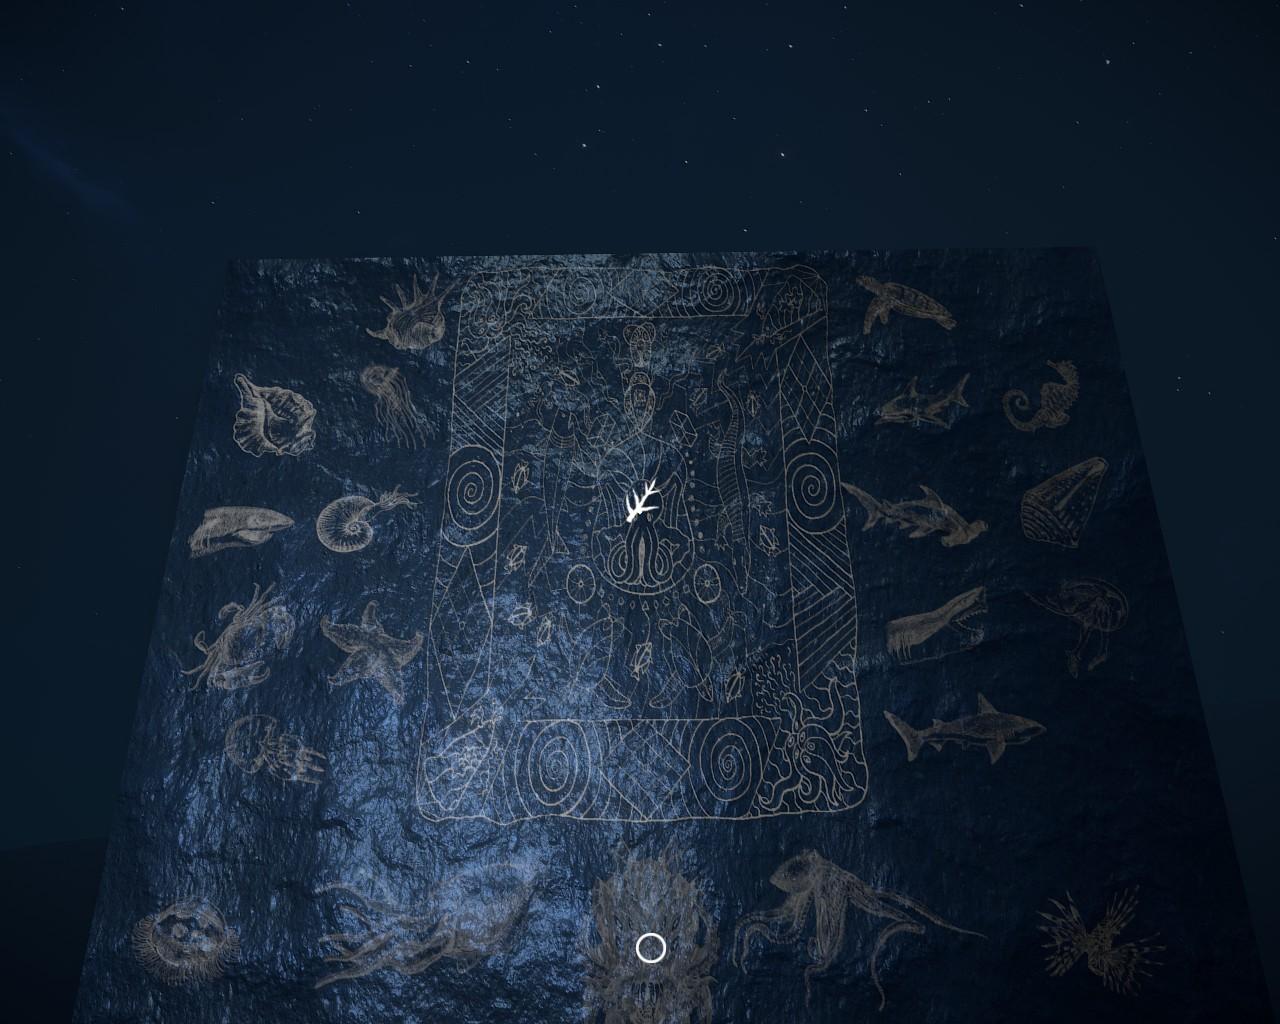 Dagon 100% Achievement Guide